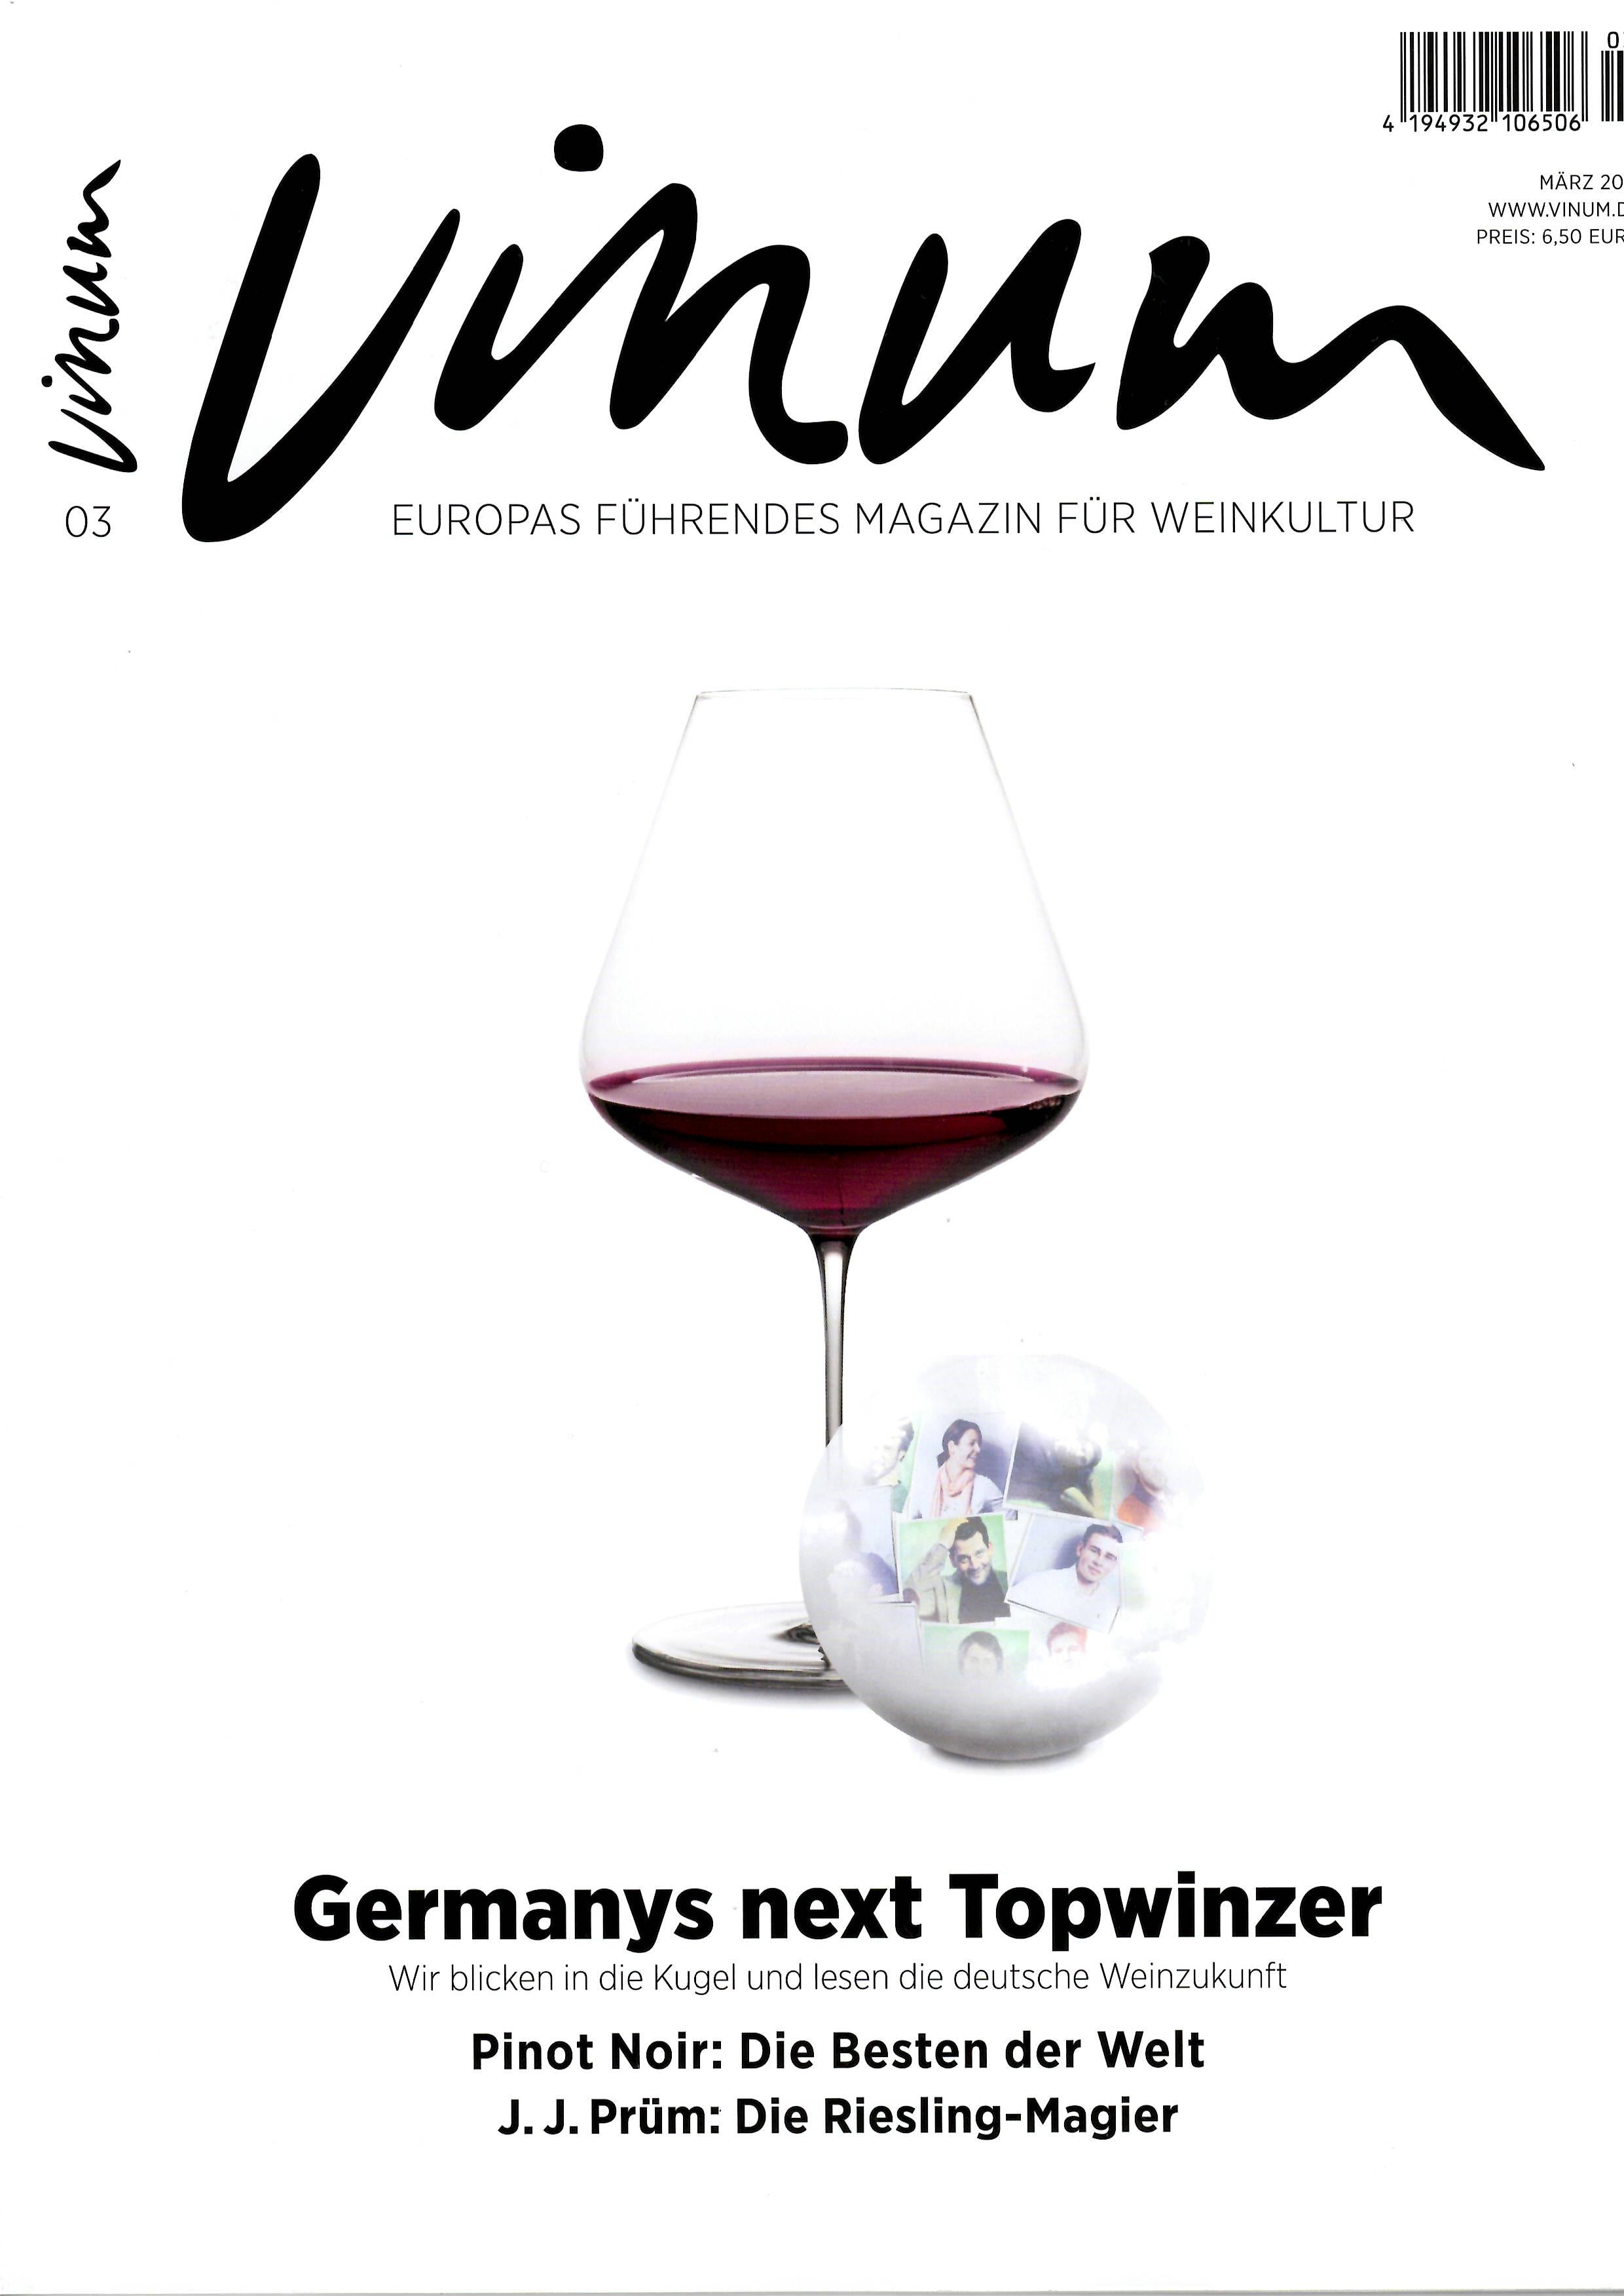 Vinum Pinot Noir: Die besten der Welt